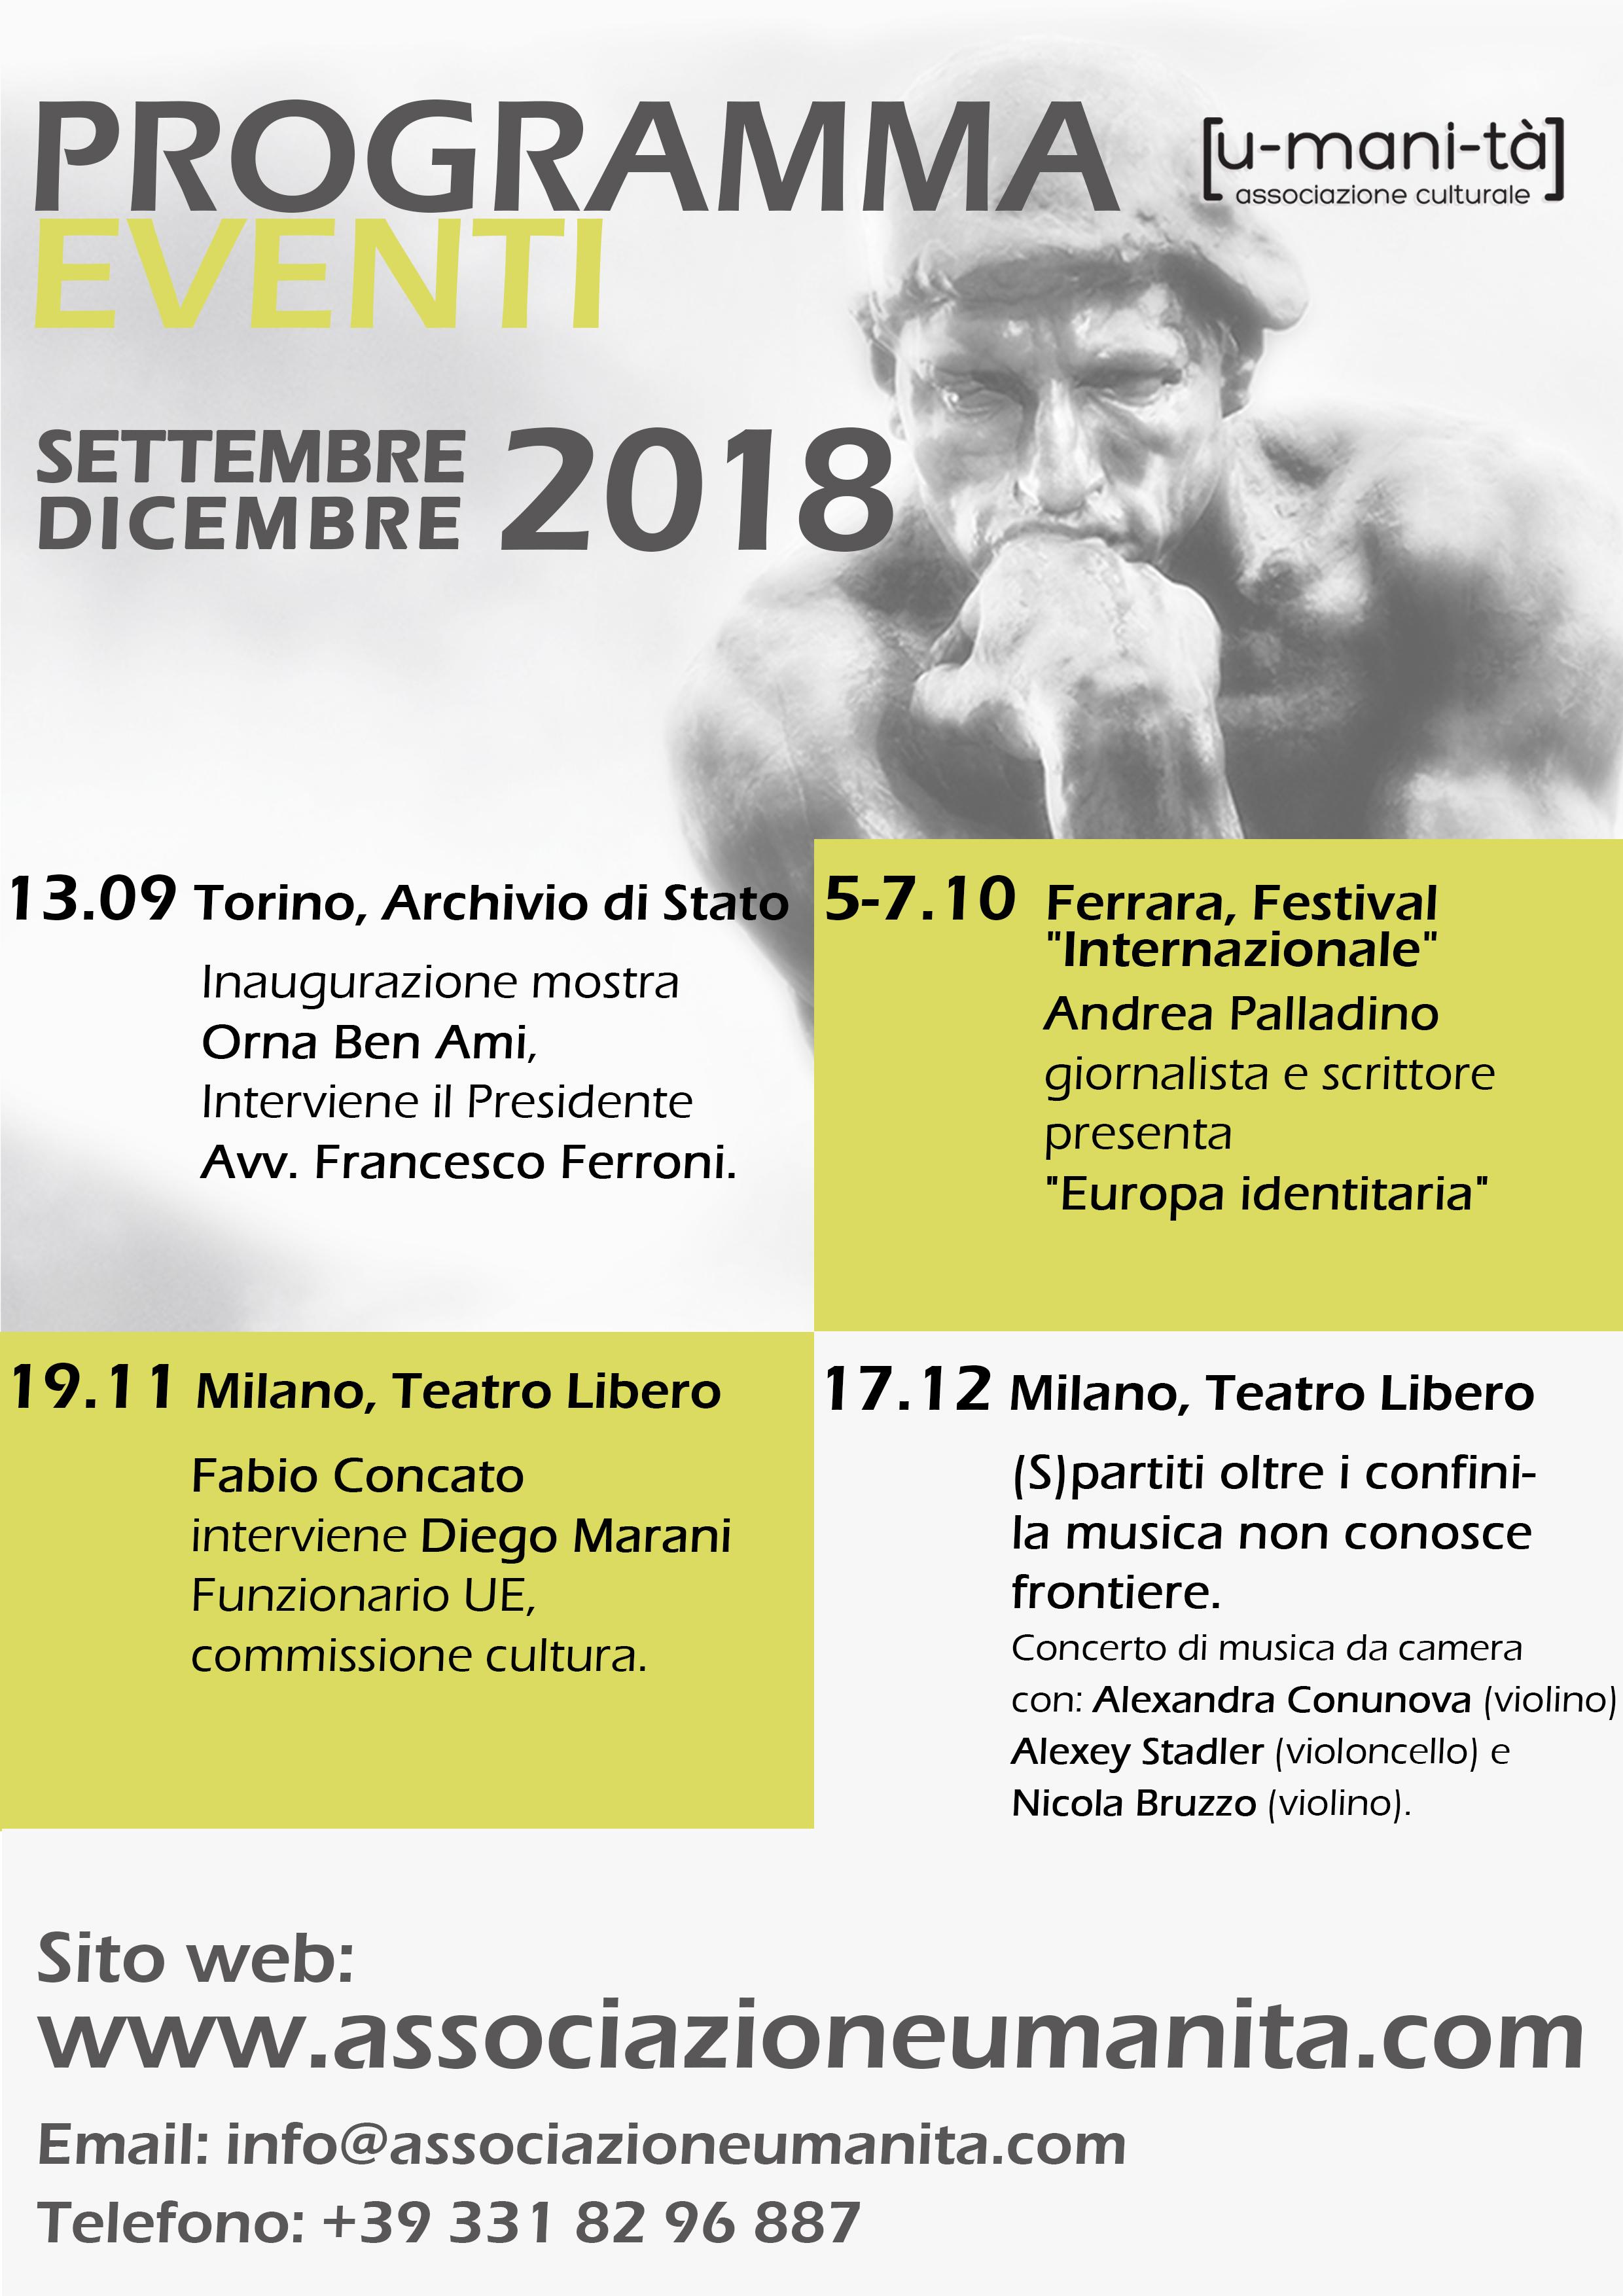 Programma eventi settembre-dicembre 2018